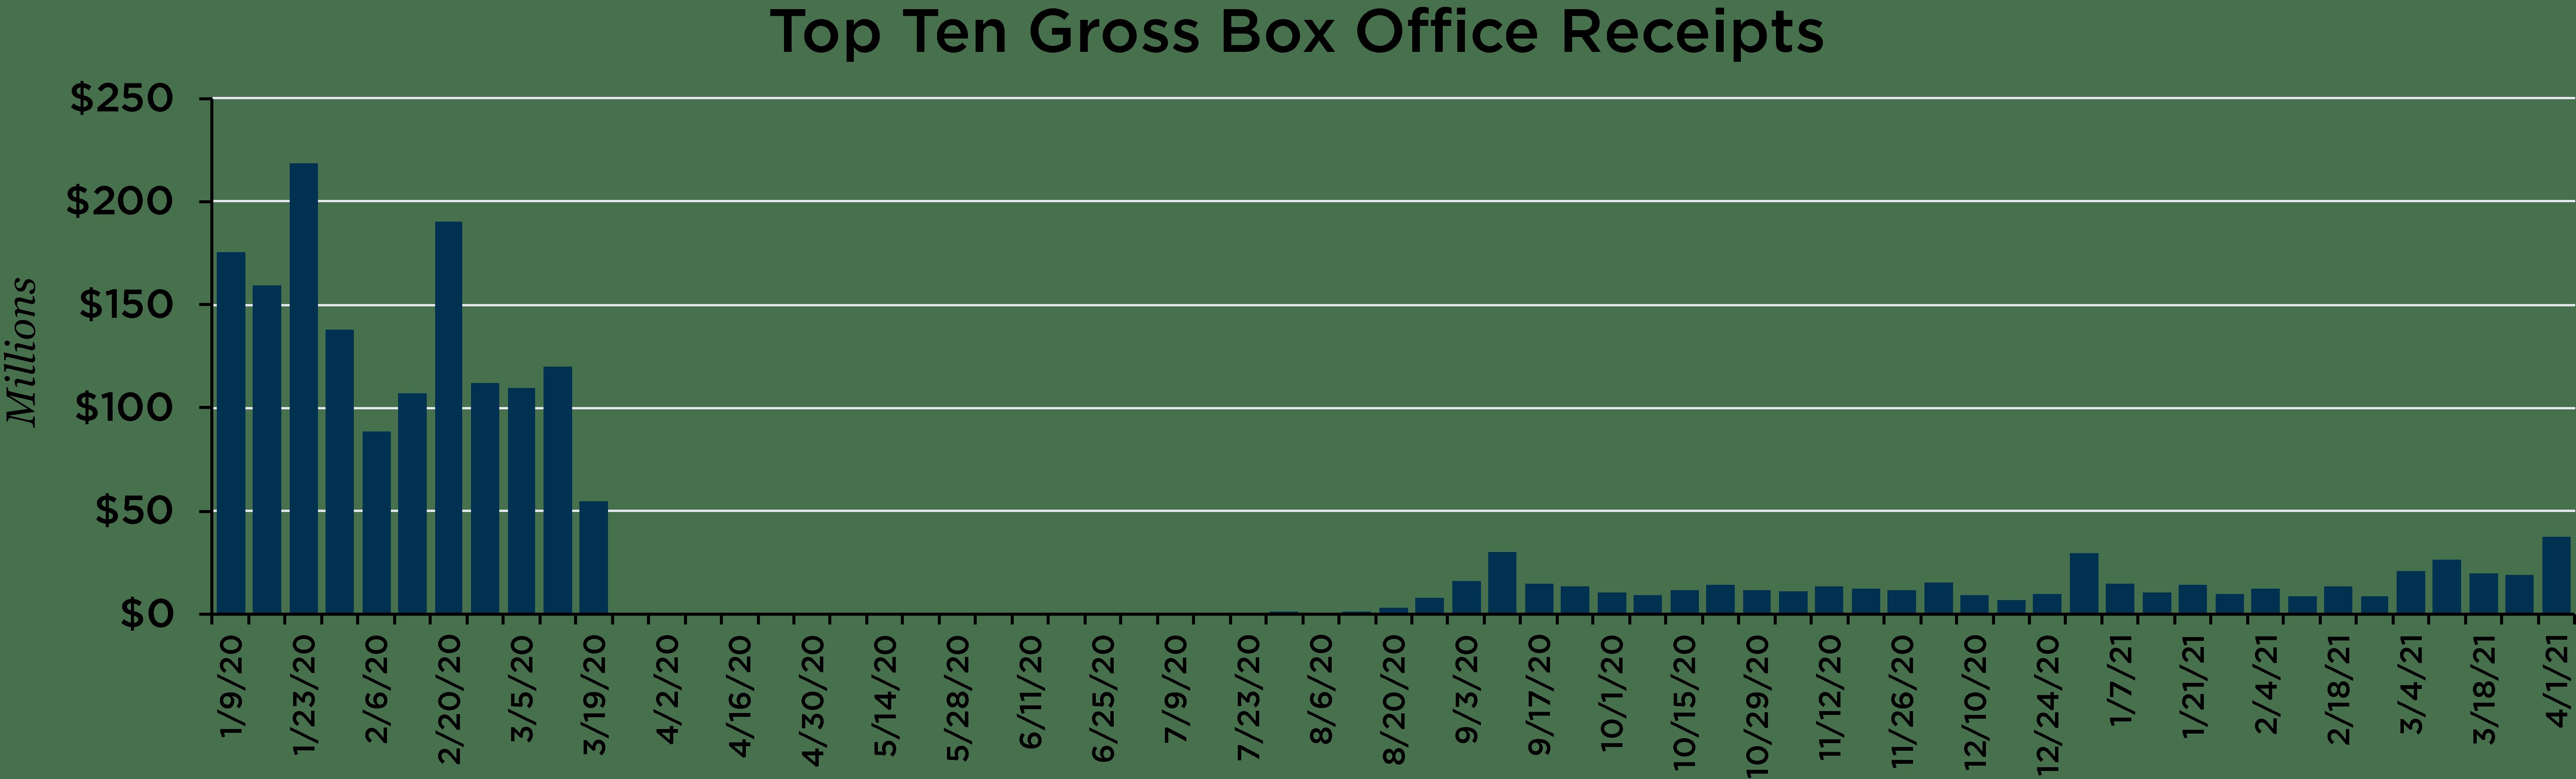 Graph depicting top ten gross box office receipts